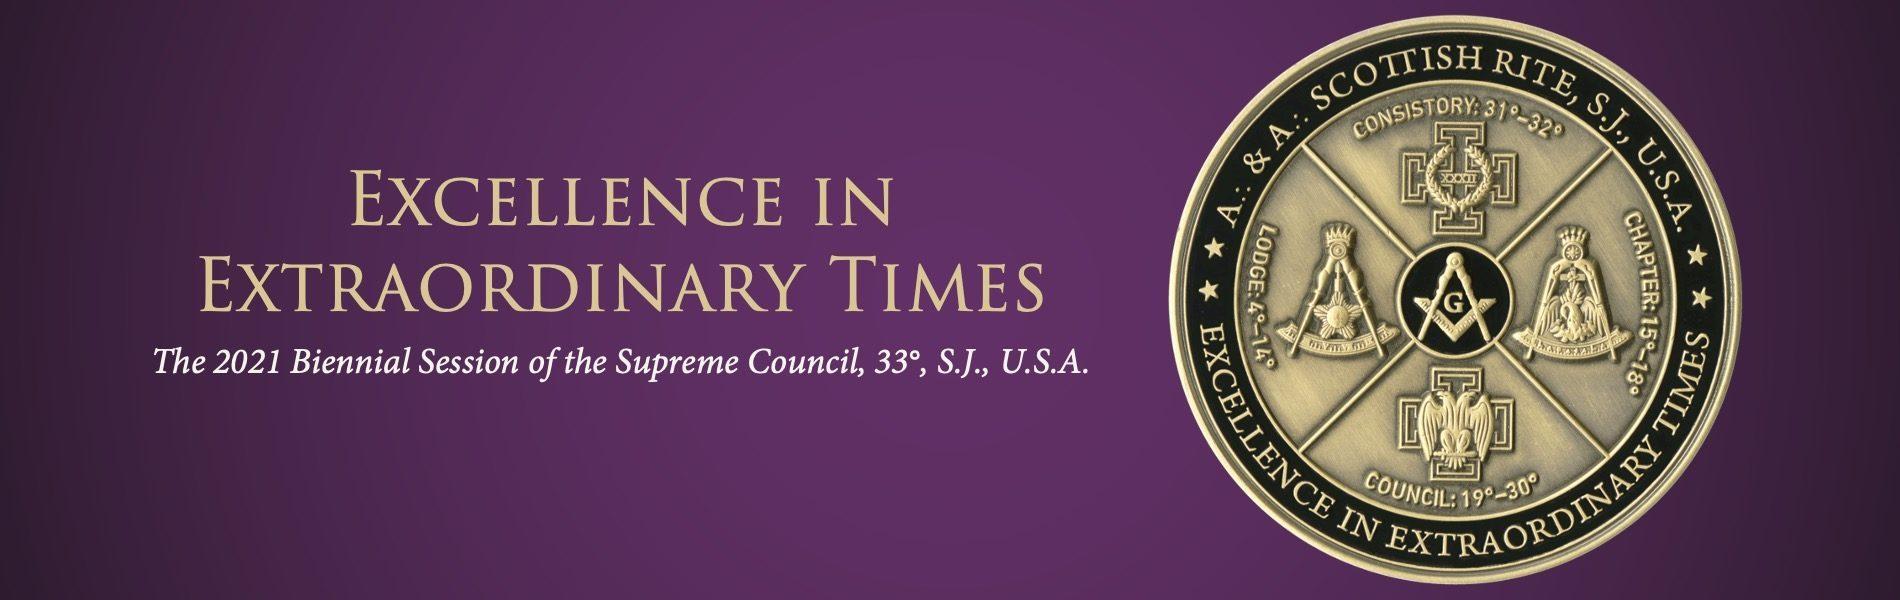 2021 Public Session of the Supreme Council, 33°, S.J., U.S.A.